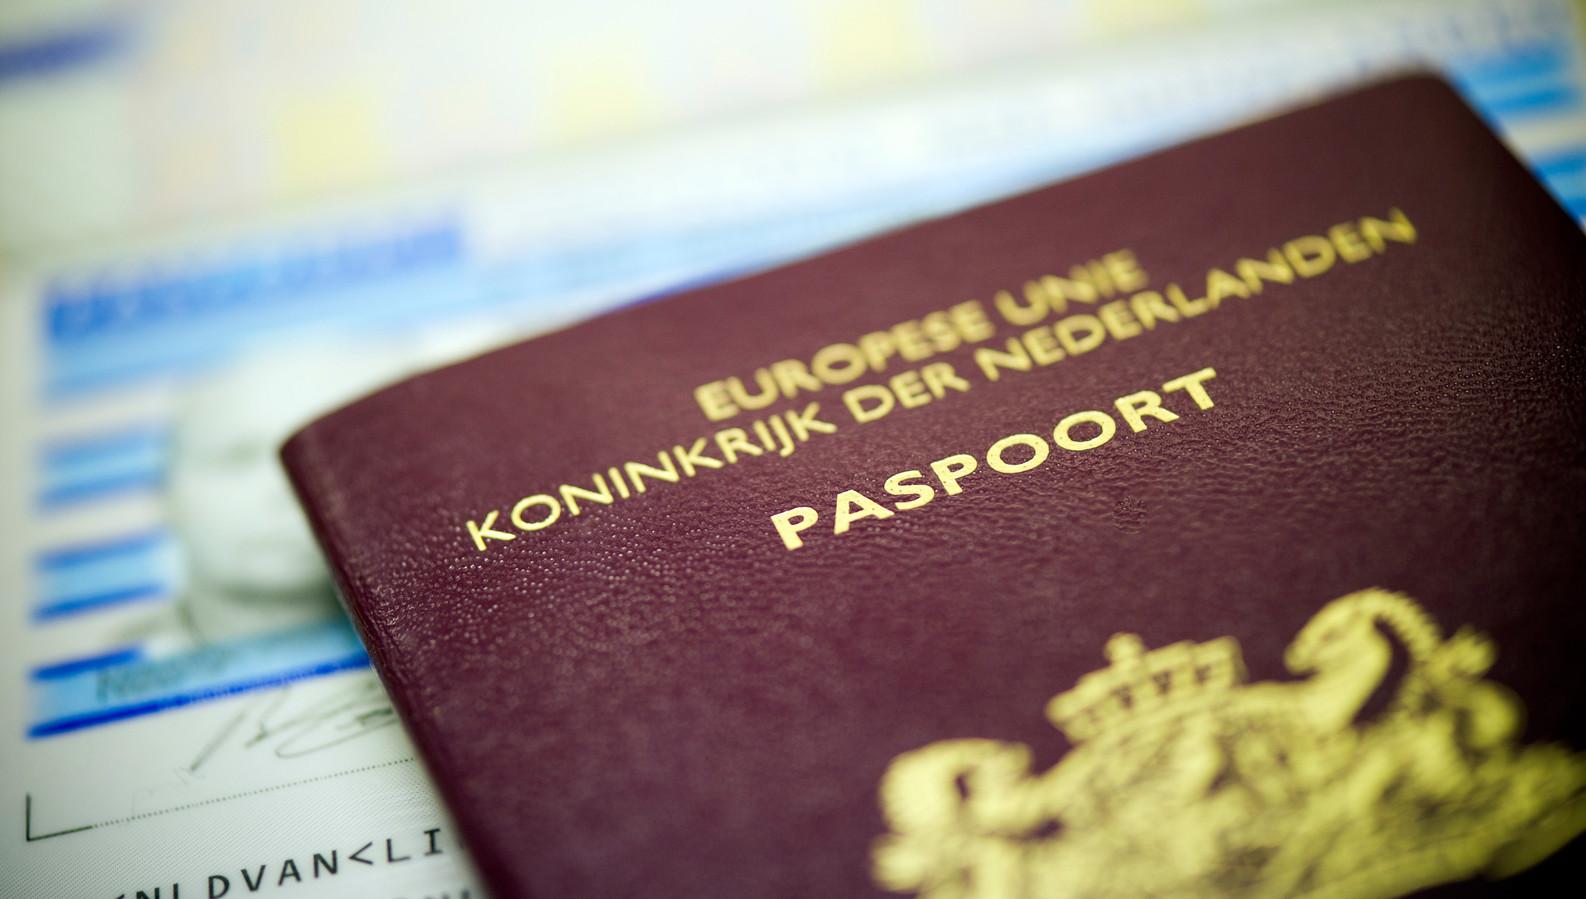 Reizigers kunnen het best hun nieuwe paspoort vroegtijdig aanvragen, want er zijn wachttijden door grote drukte.